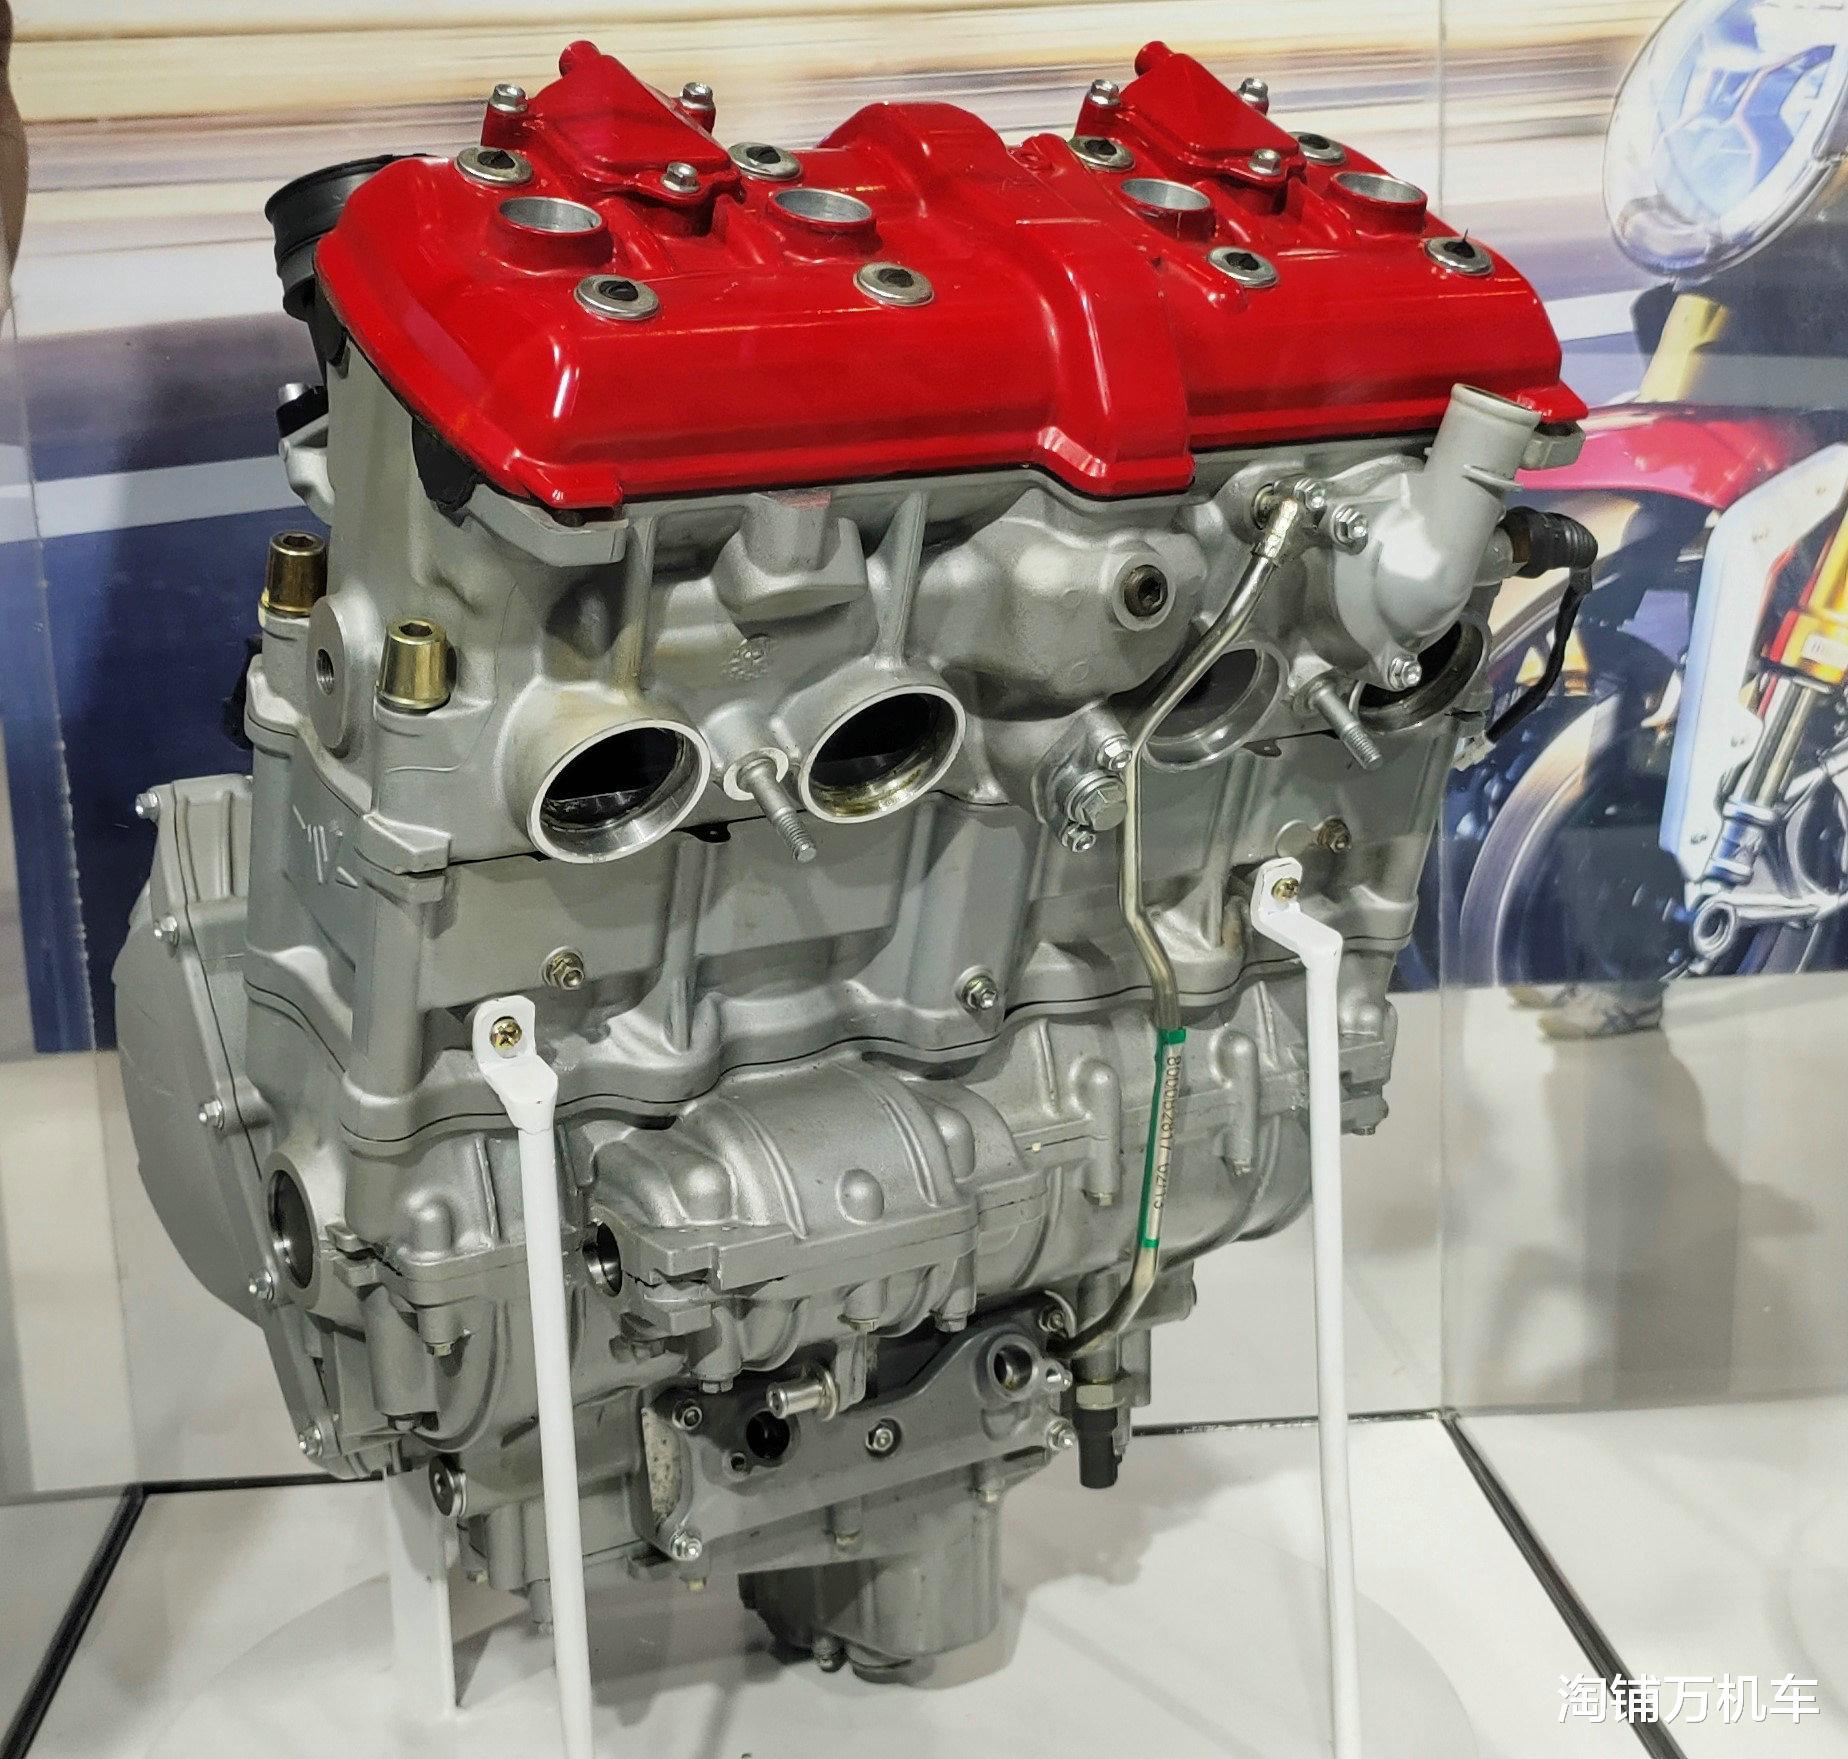 貝納利新車計劃看點十足 三缸車型回歸 公升級四缸仿賽有望-圖5